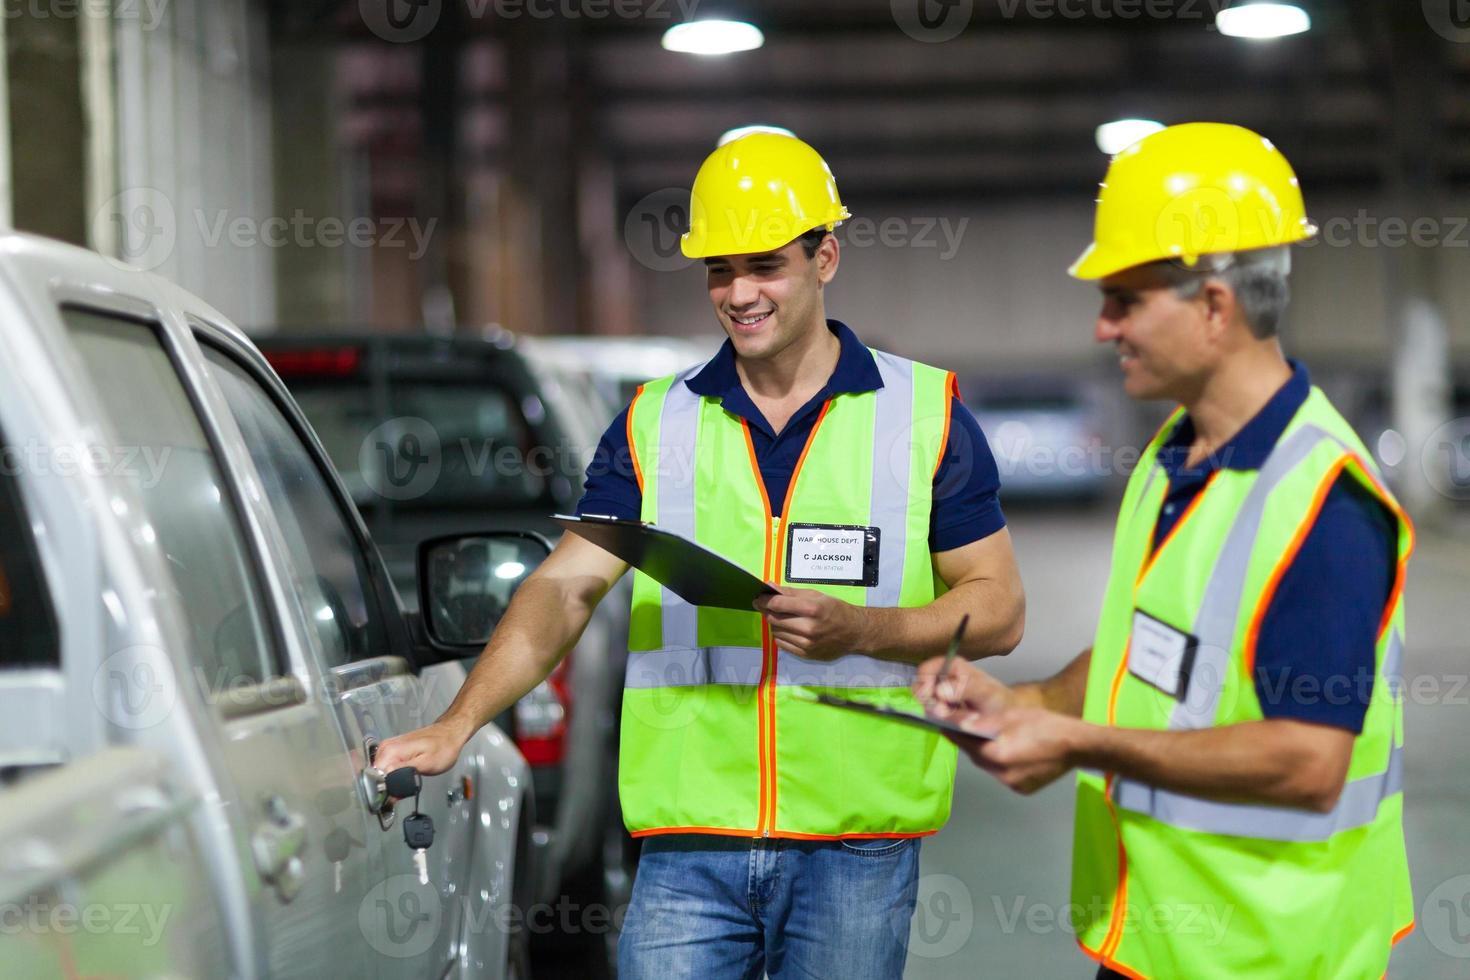 travailleurs de la compagnie maritime inspectant le véhicule photo